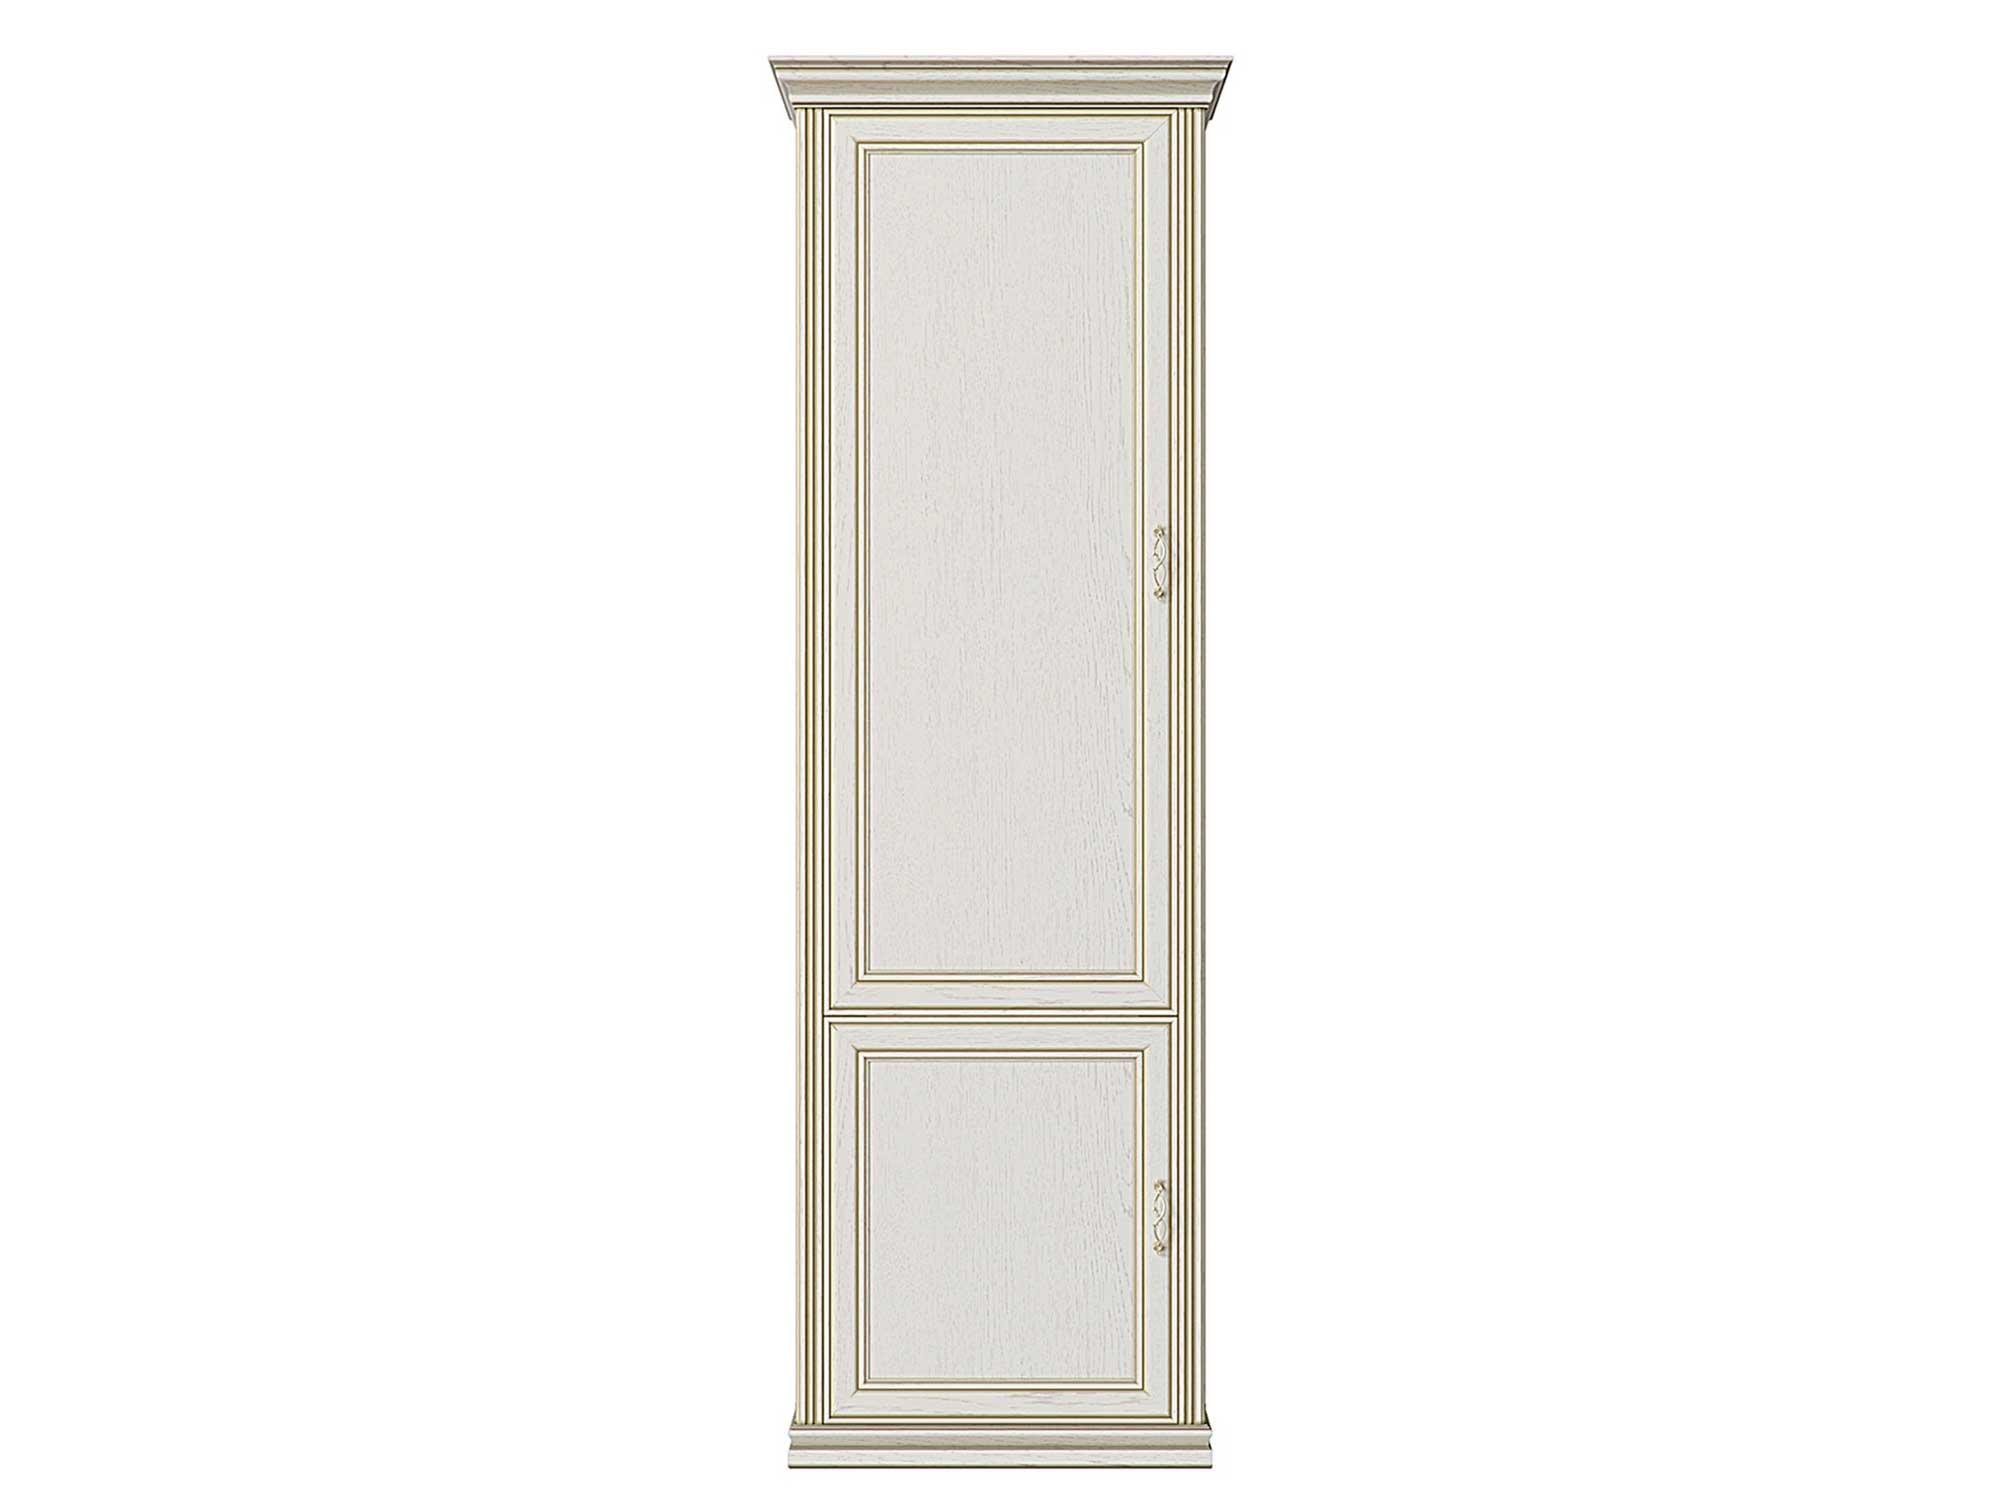 Шкаф распашной КУРАЖ Шкаф-пенал 2-х дверный Венето Дуб молочный, Без полок